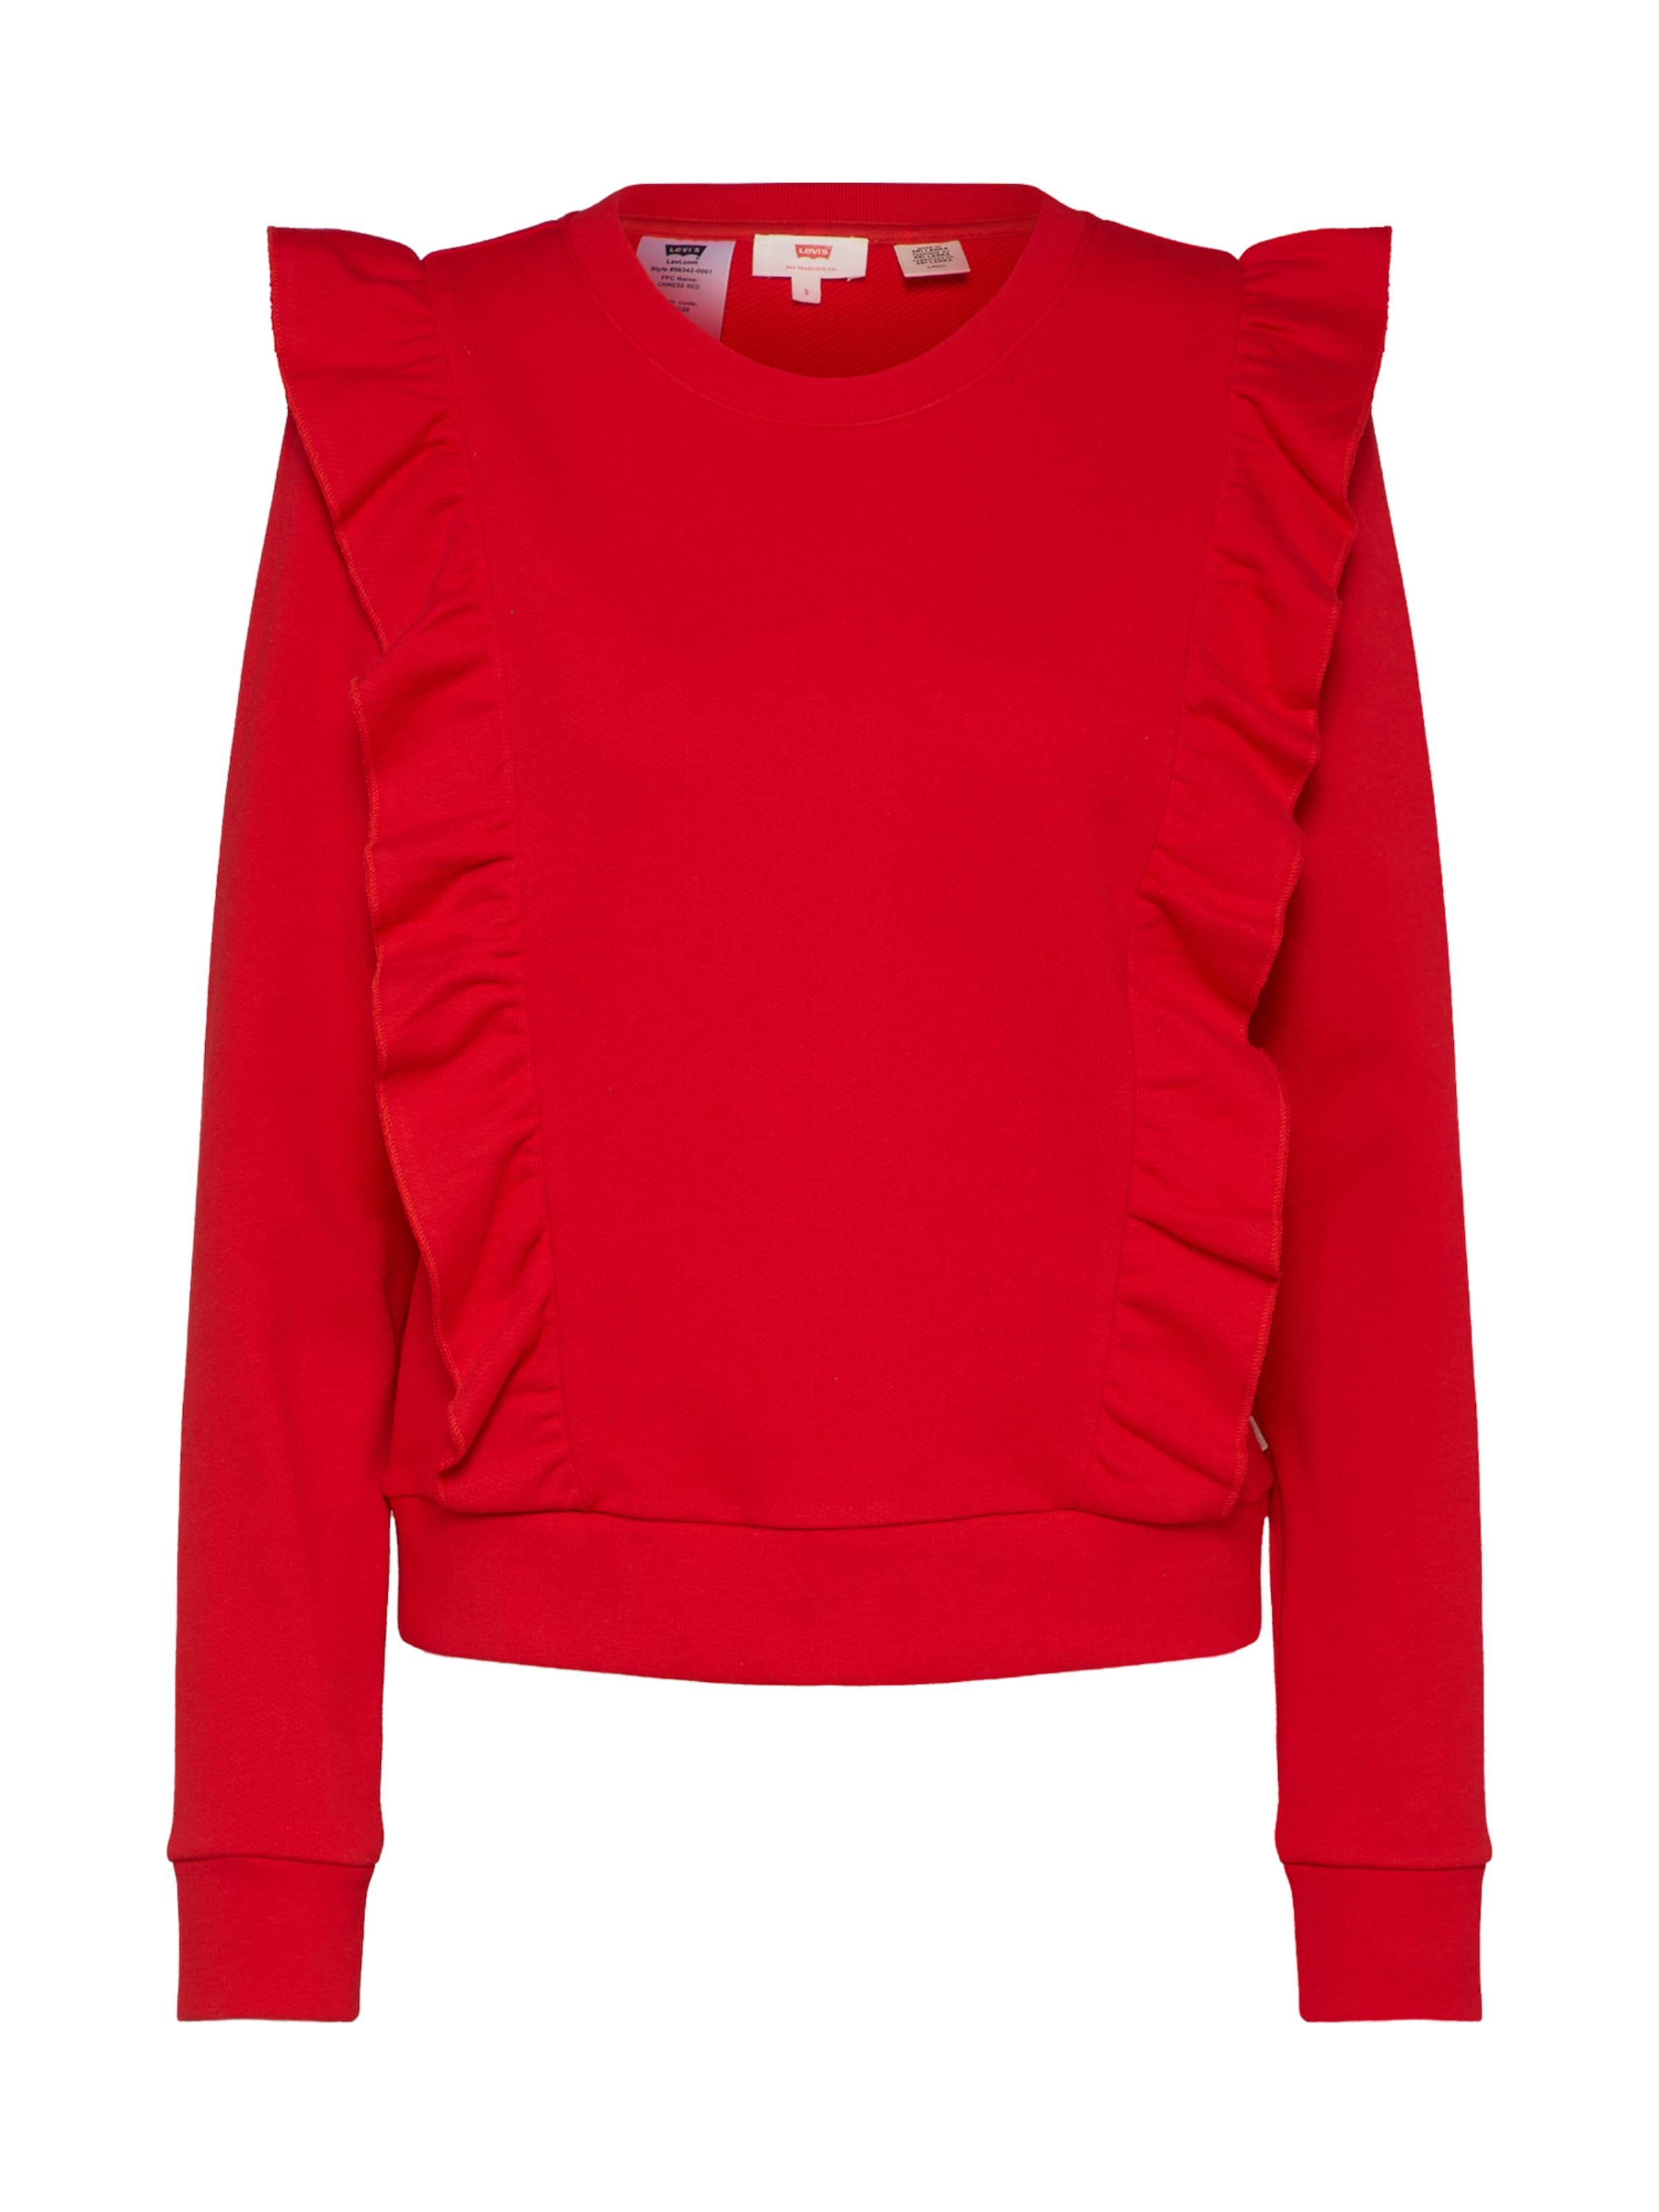 Rouge shirt 'jolie' Levi's En Sweat S34RAq5jLc